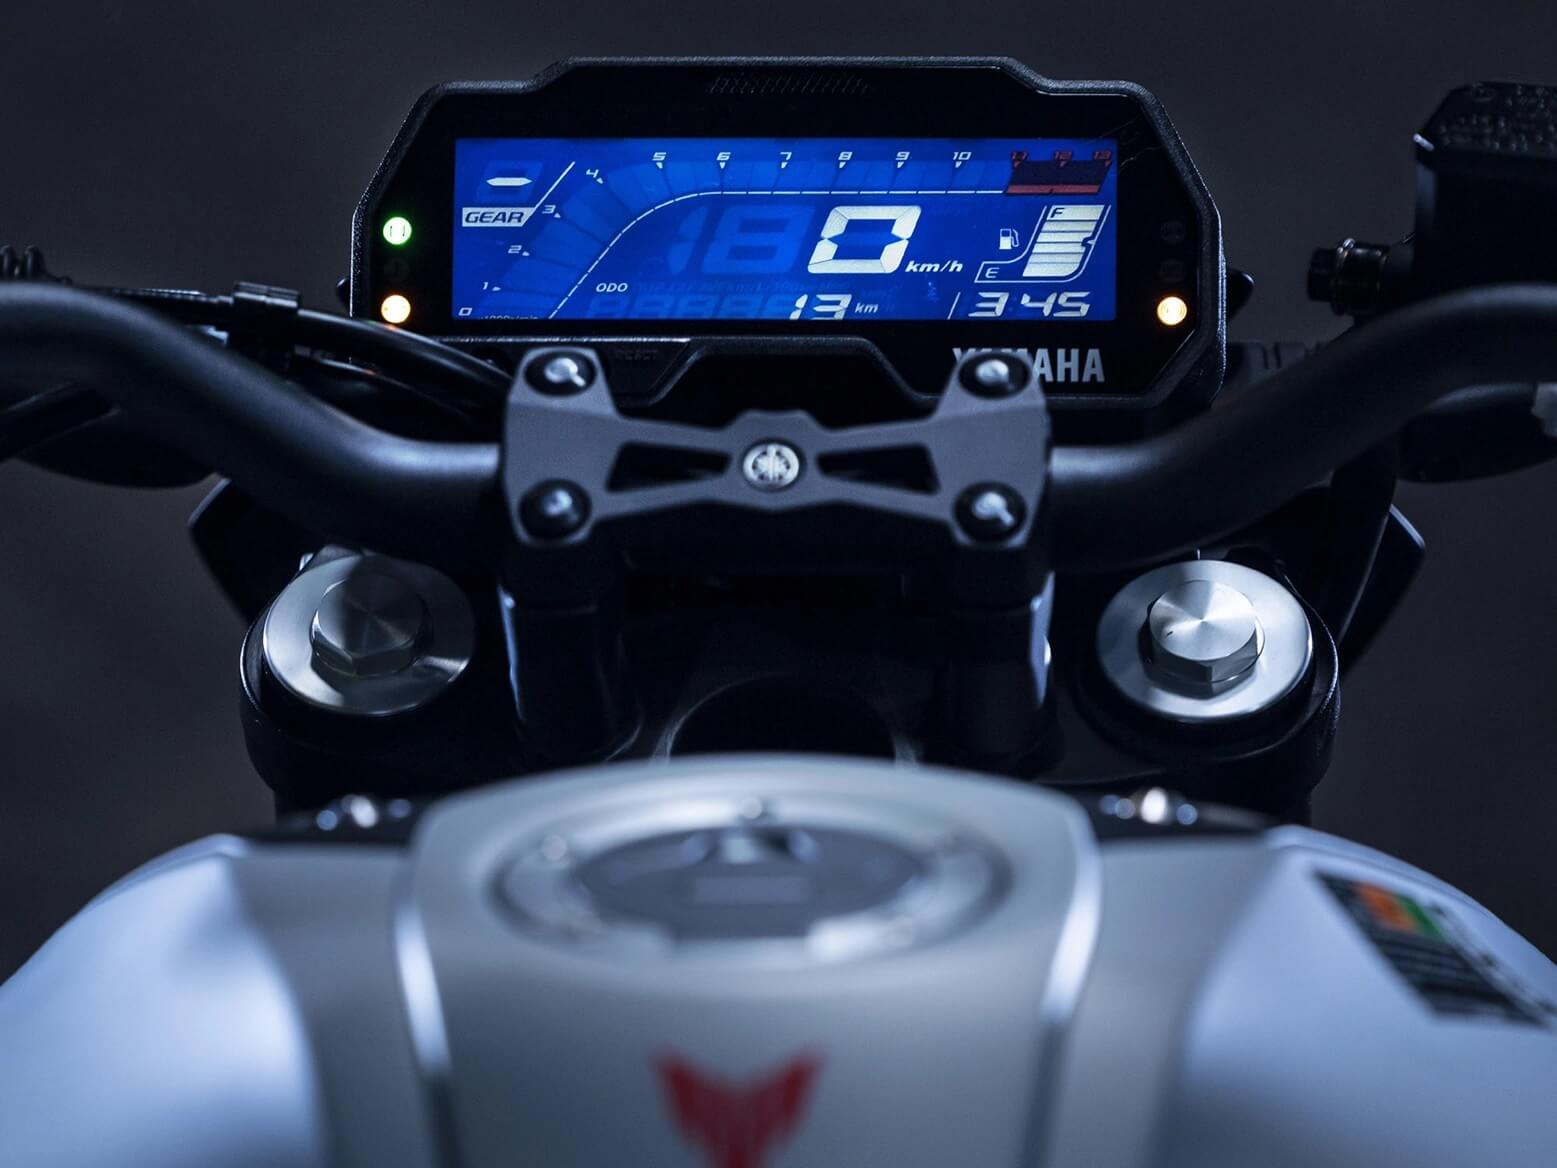 Ждем новый мотоцикл Yamaha MT-125 <br>2020 года